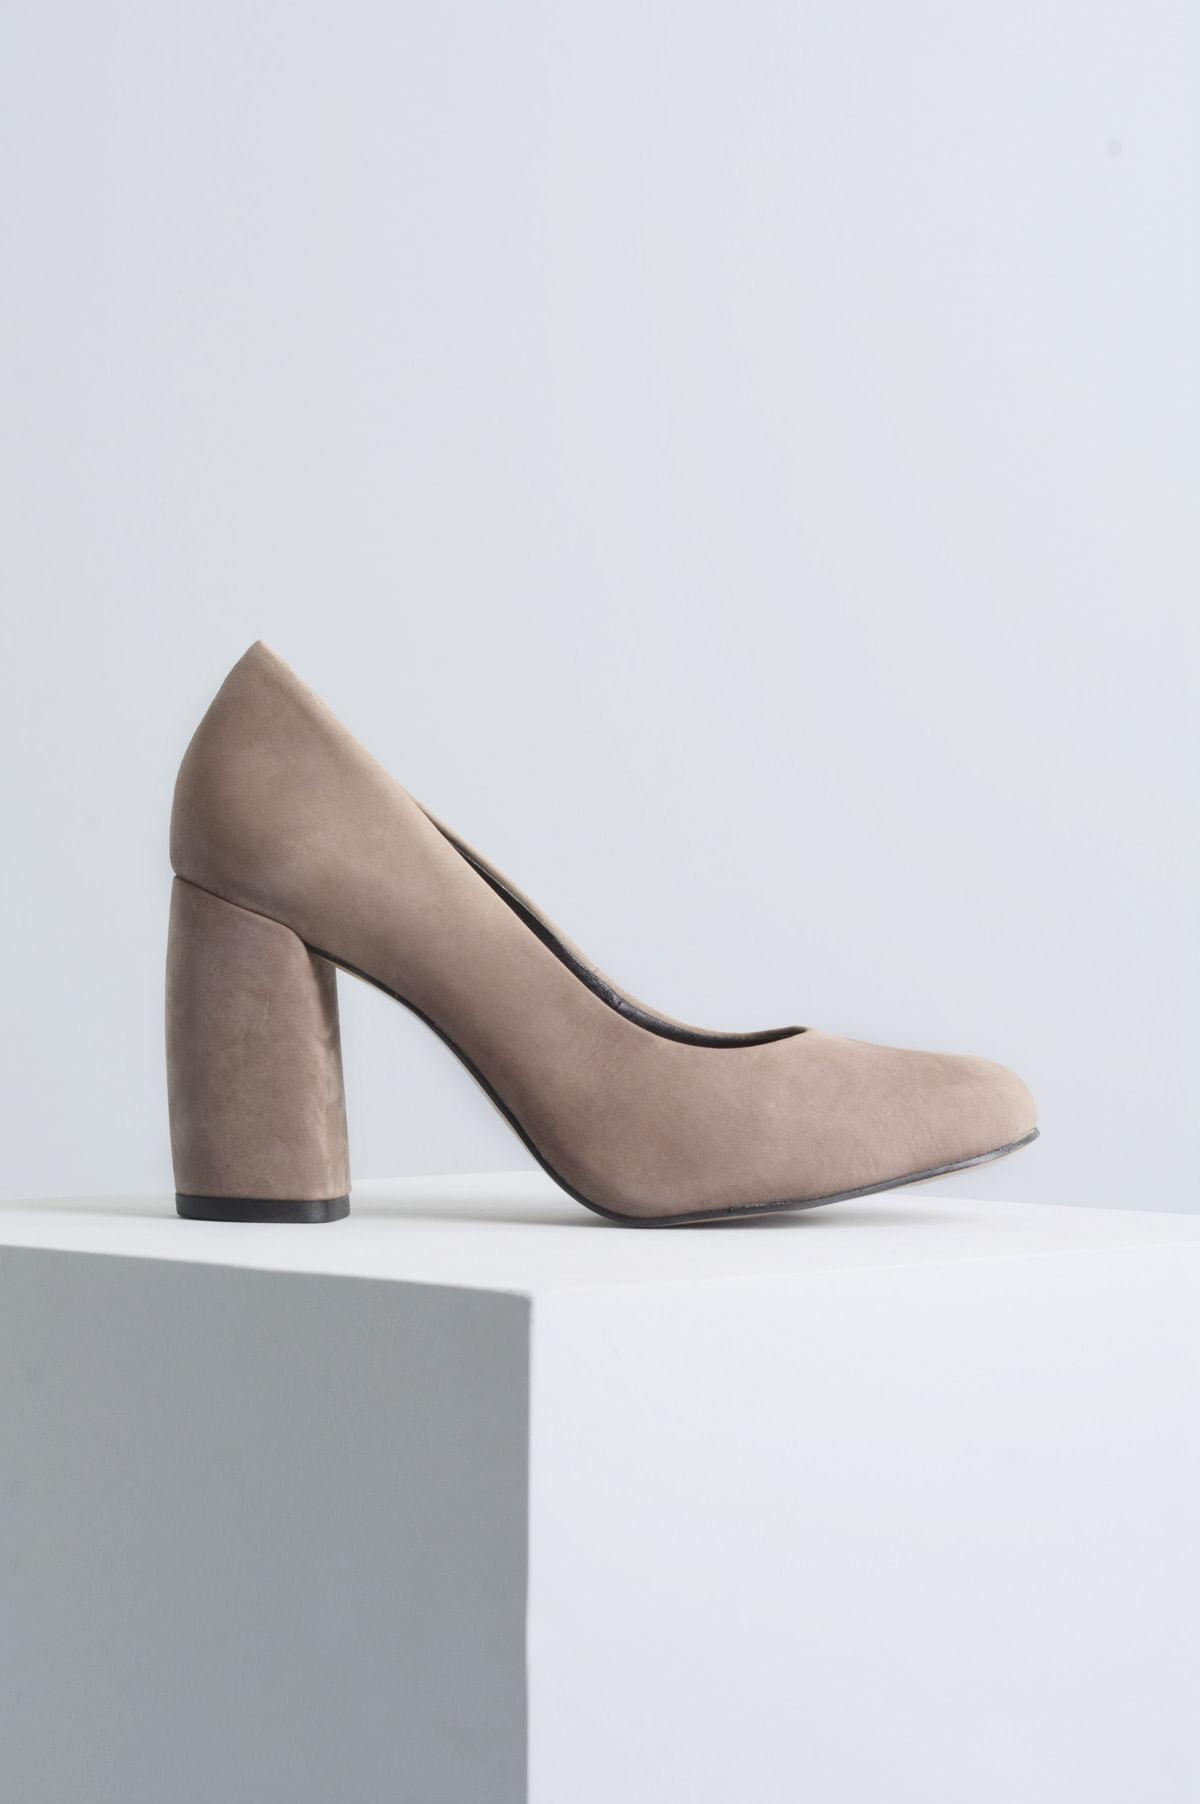 72ce8bc396d Sapato Feminino Salto Alto Tulip Mundial NB-CINZA - Mundial Calçados